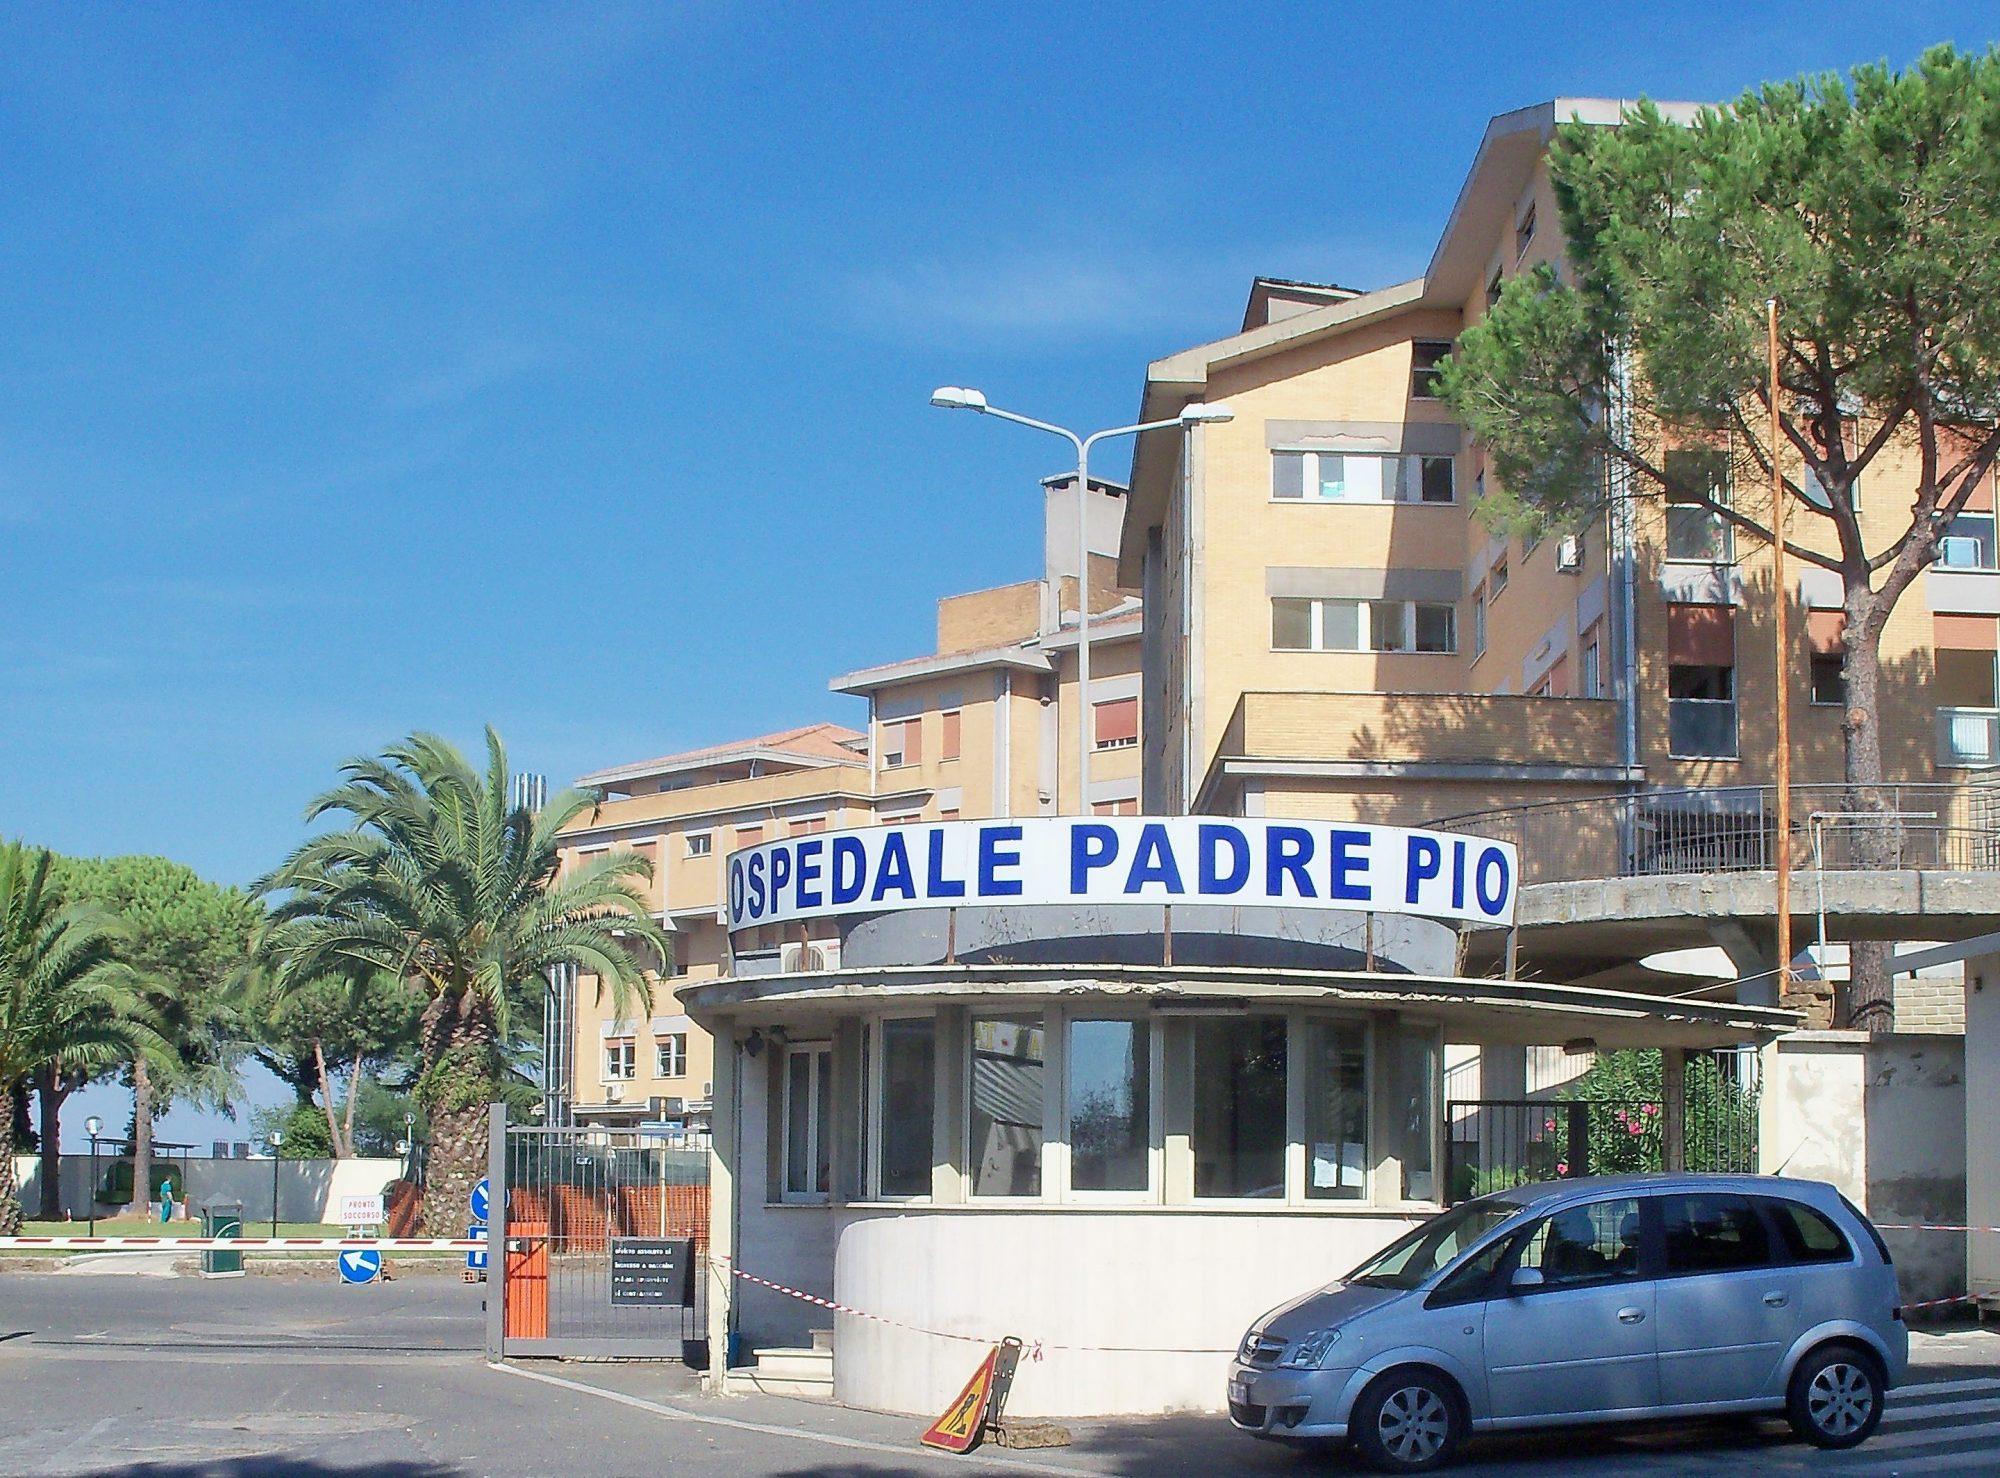 Zanzariere e nuovo parcheggio al Padre Pio di Bracciano: lavori in corso